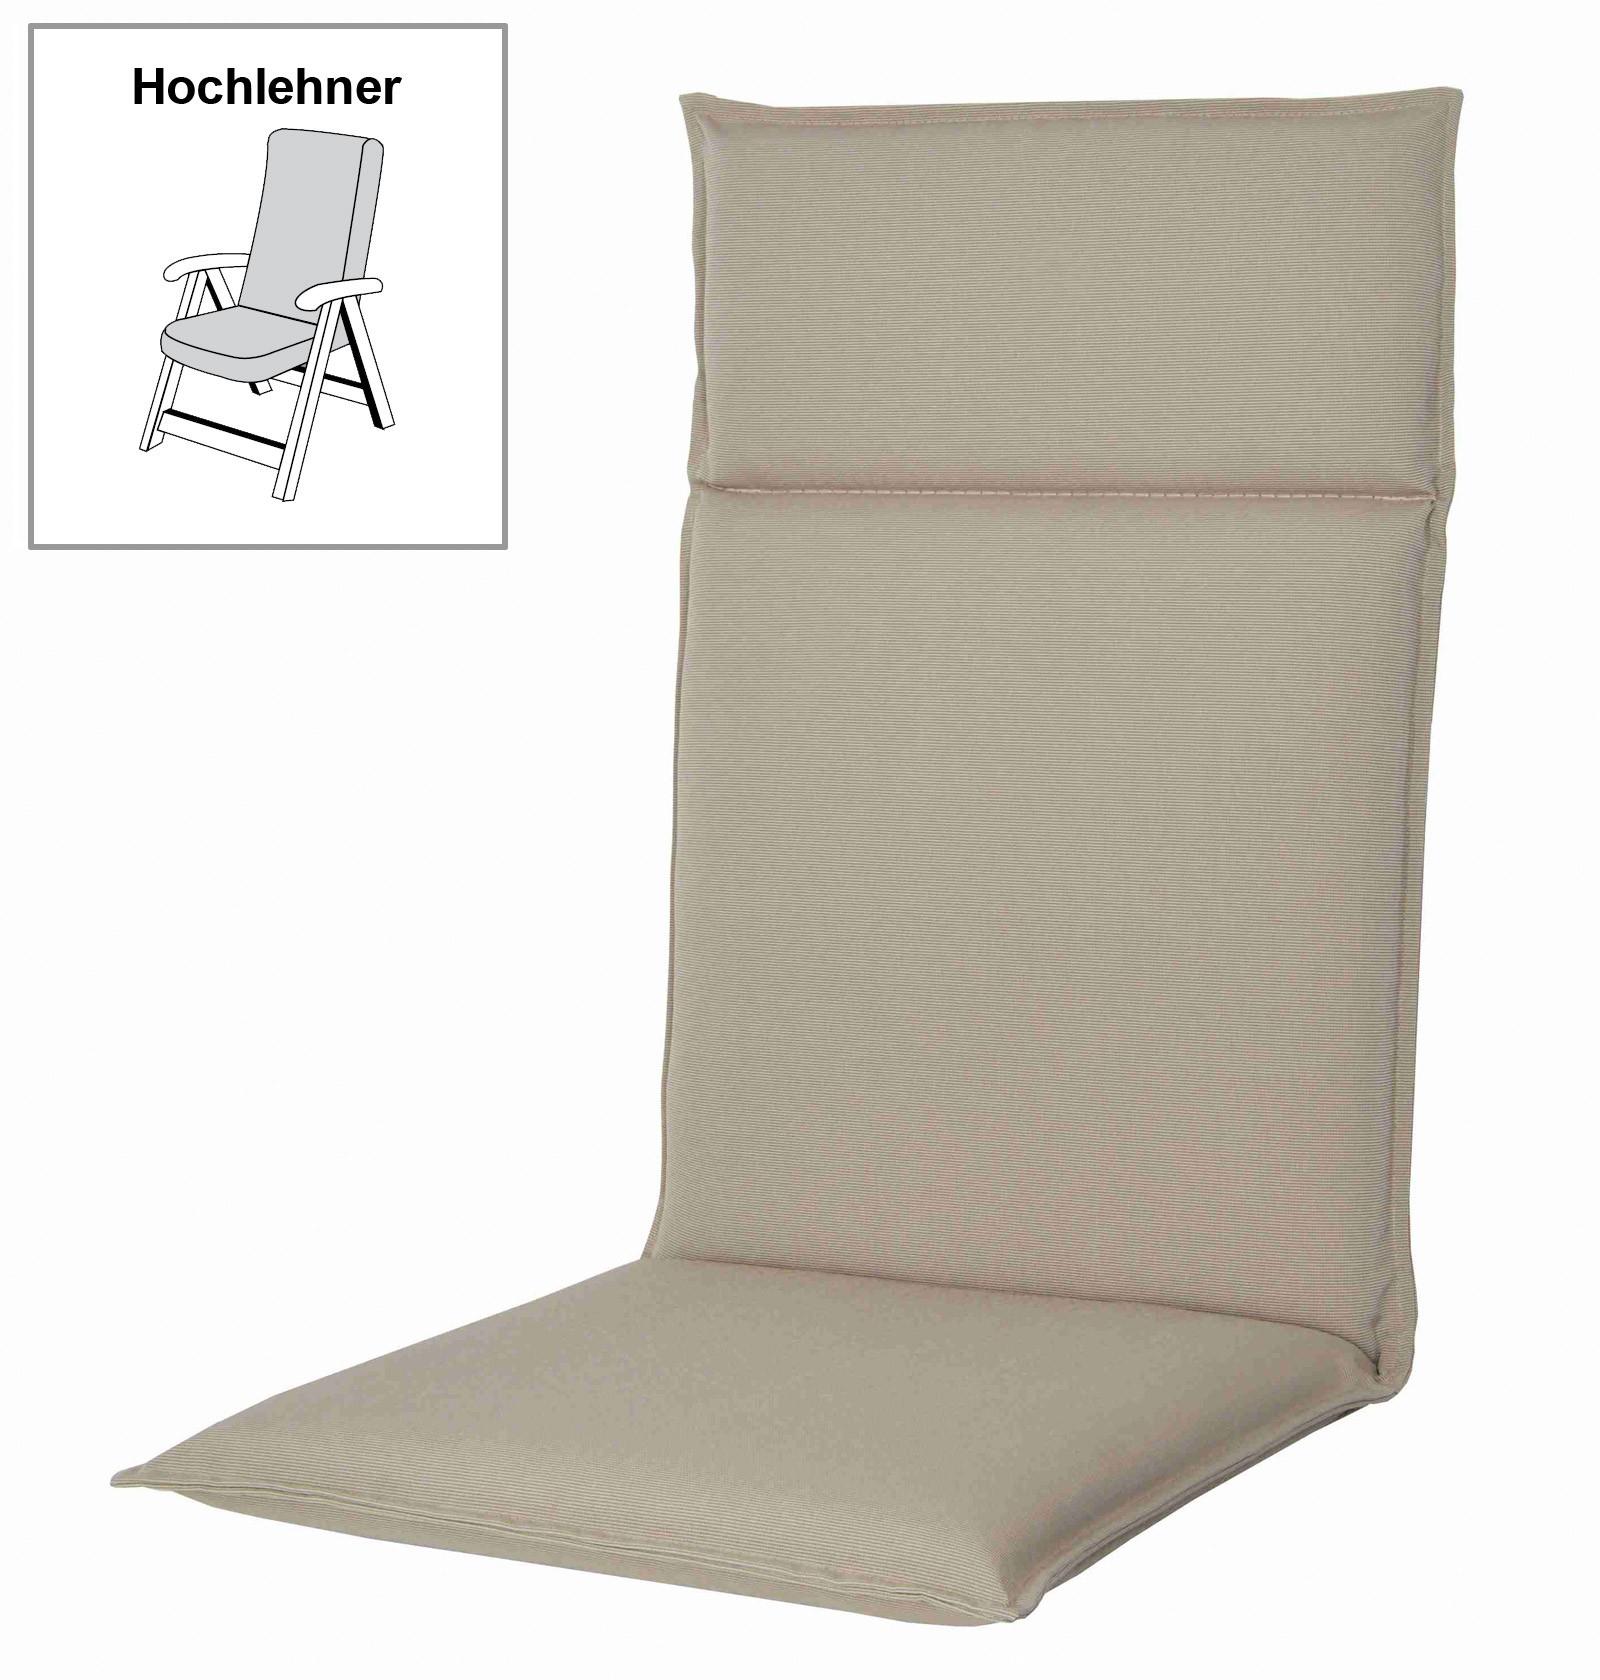 polster auflage f r gartenm bel gartensessel hl spirit d. Black Bedroom Furniture Sets. Home Design Ideas